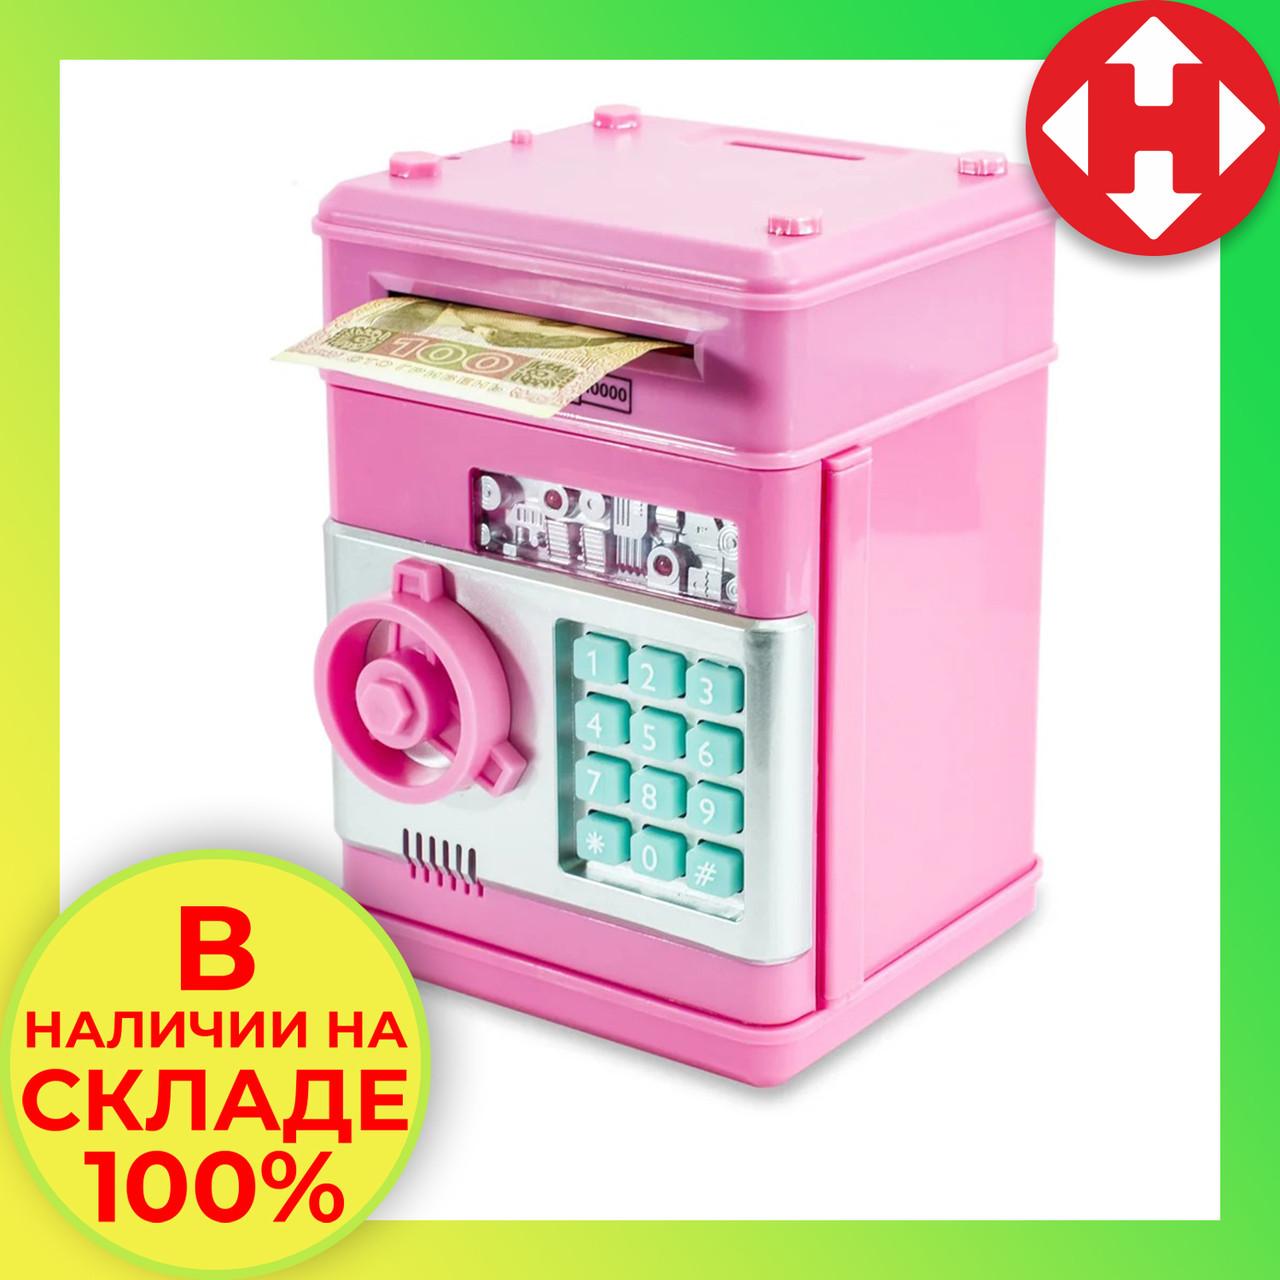 Копилка для детей музыкальная (розовый корпус, круглая розовая ручка, бирюзовые кнопки) детский игрушечный сейф